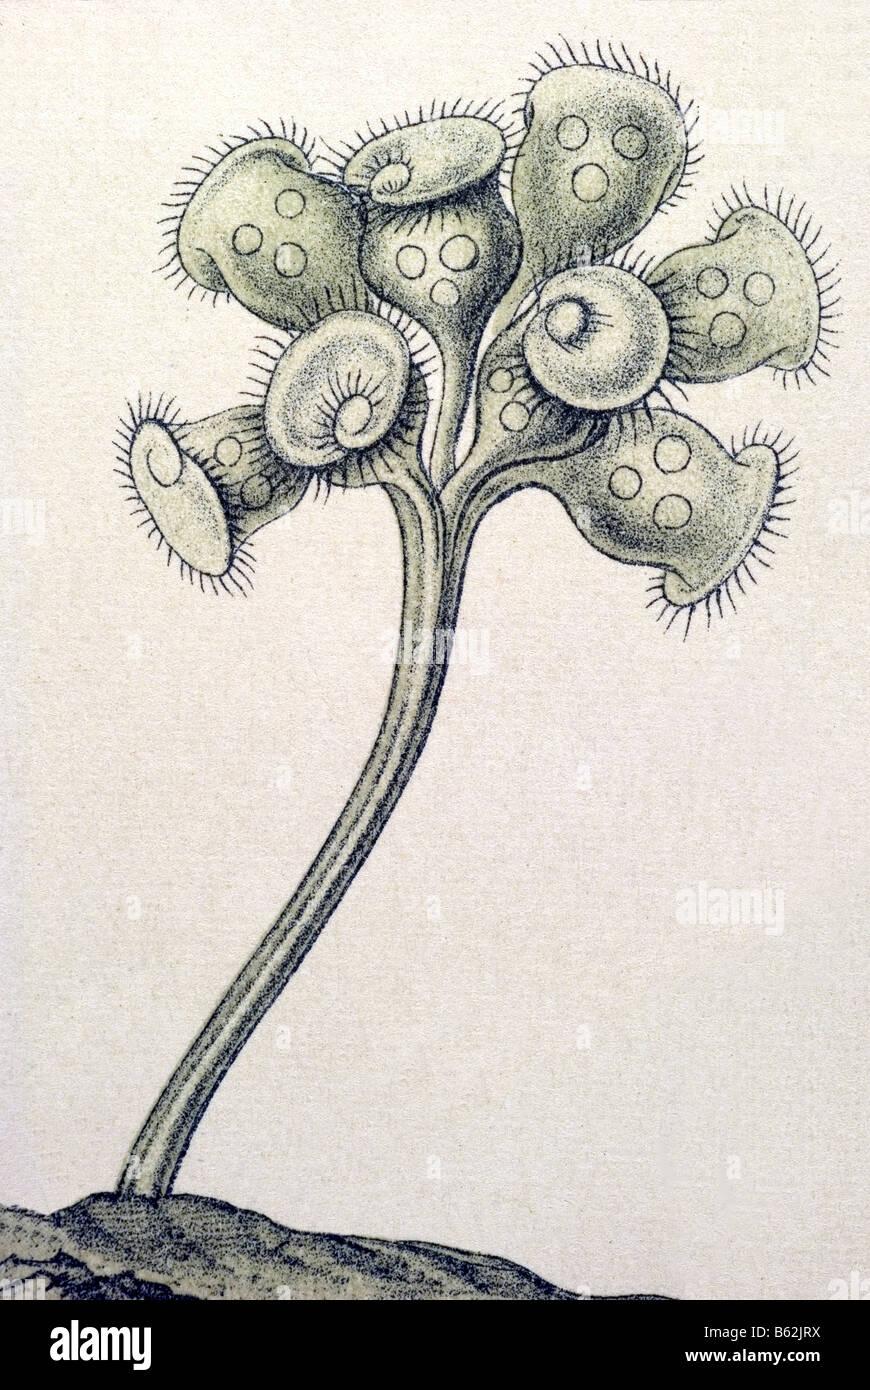 Ciliata / Wimperlinge Name Stentor, Haeckel, Kunstformen der Natur, Jugendstil, 20. Jahrhundert, Europa Stockfoto